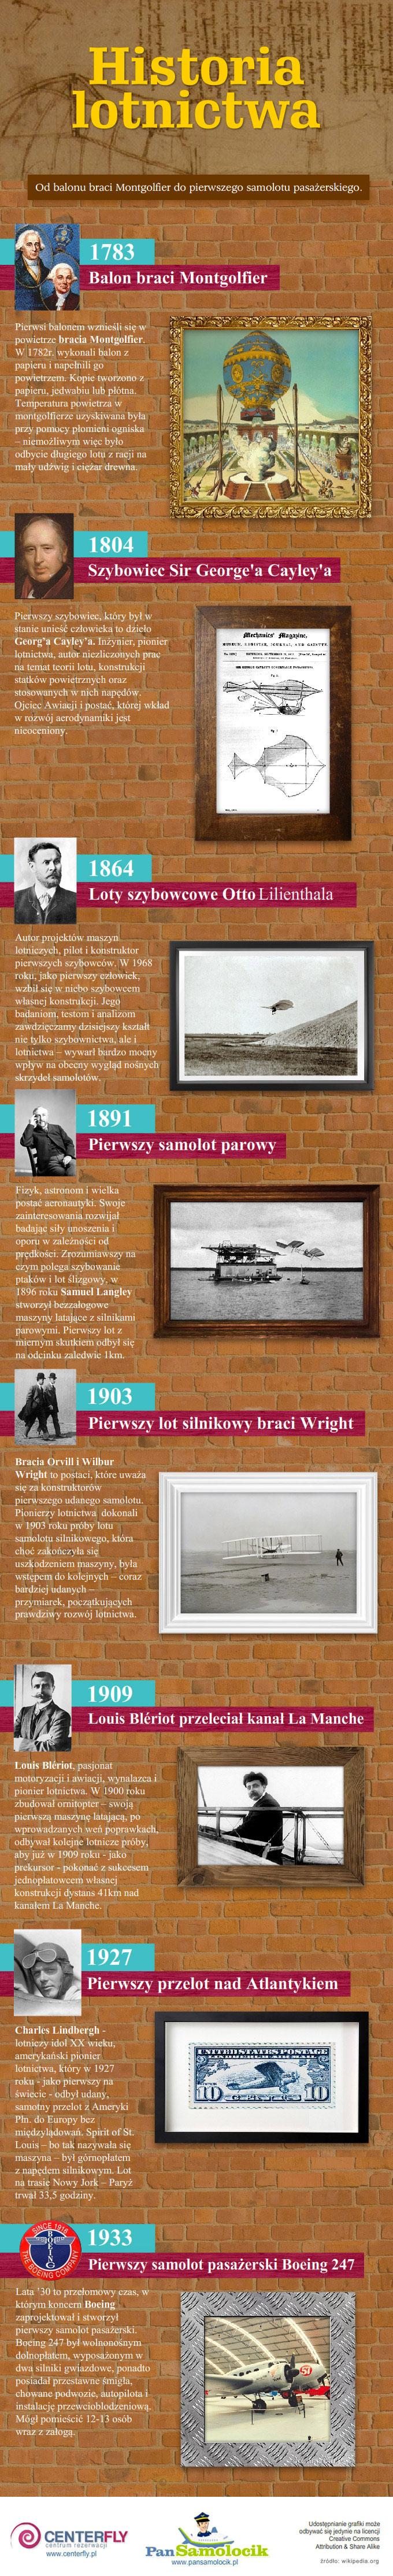 historia_lotnictwa_d